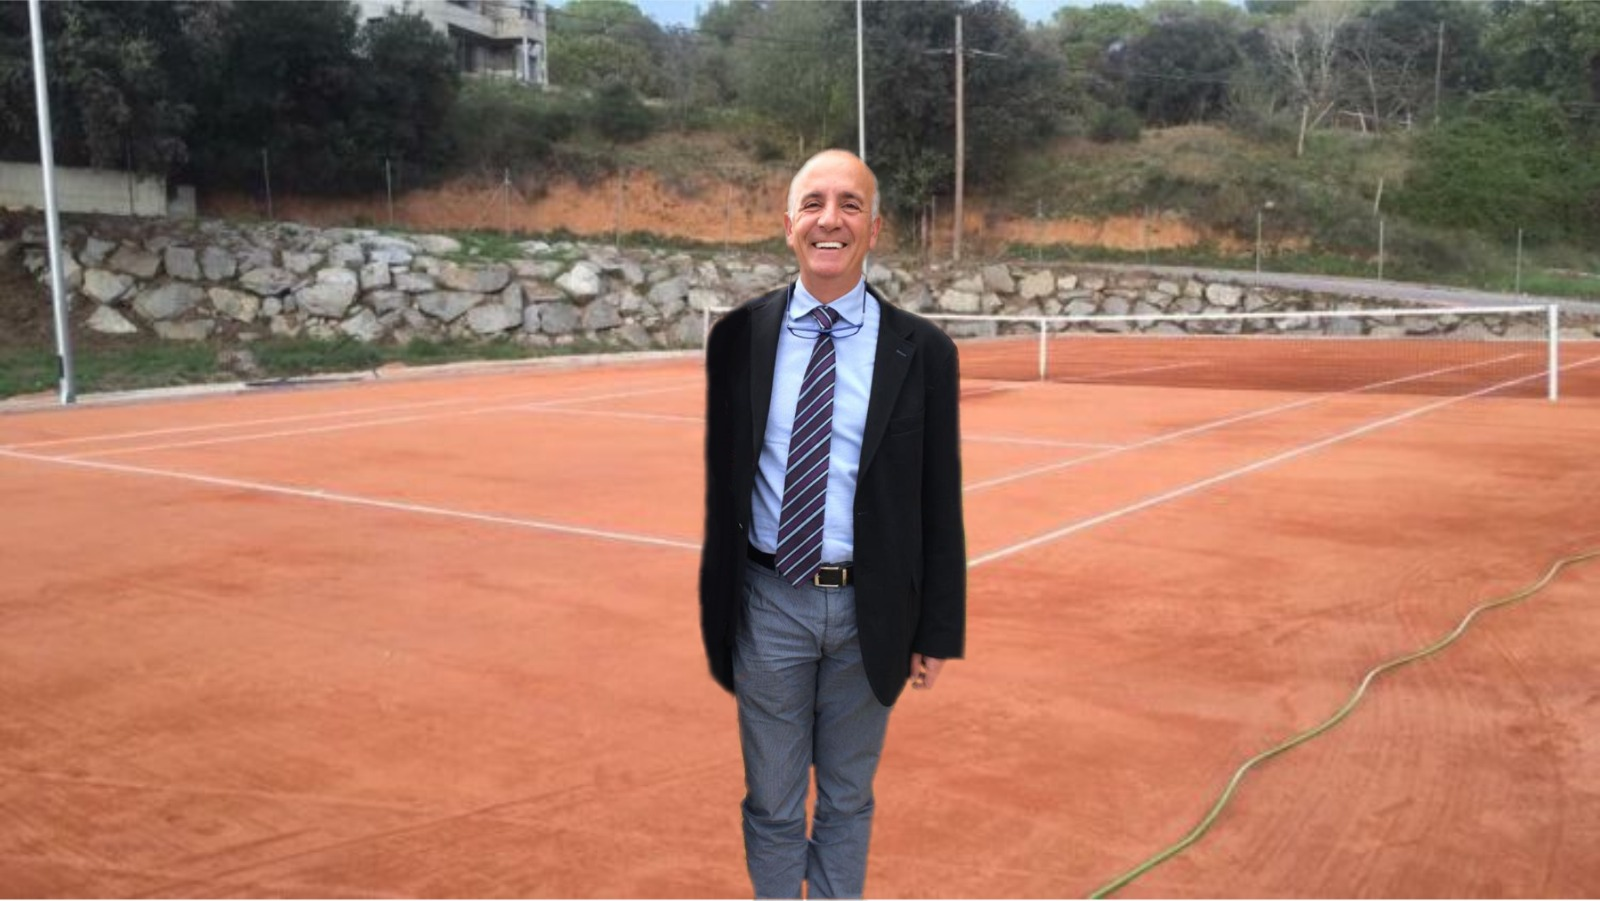 Guerra judicial en las elecciones a la Federación Catalana de Tenis